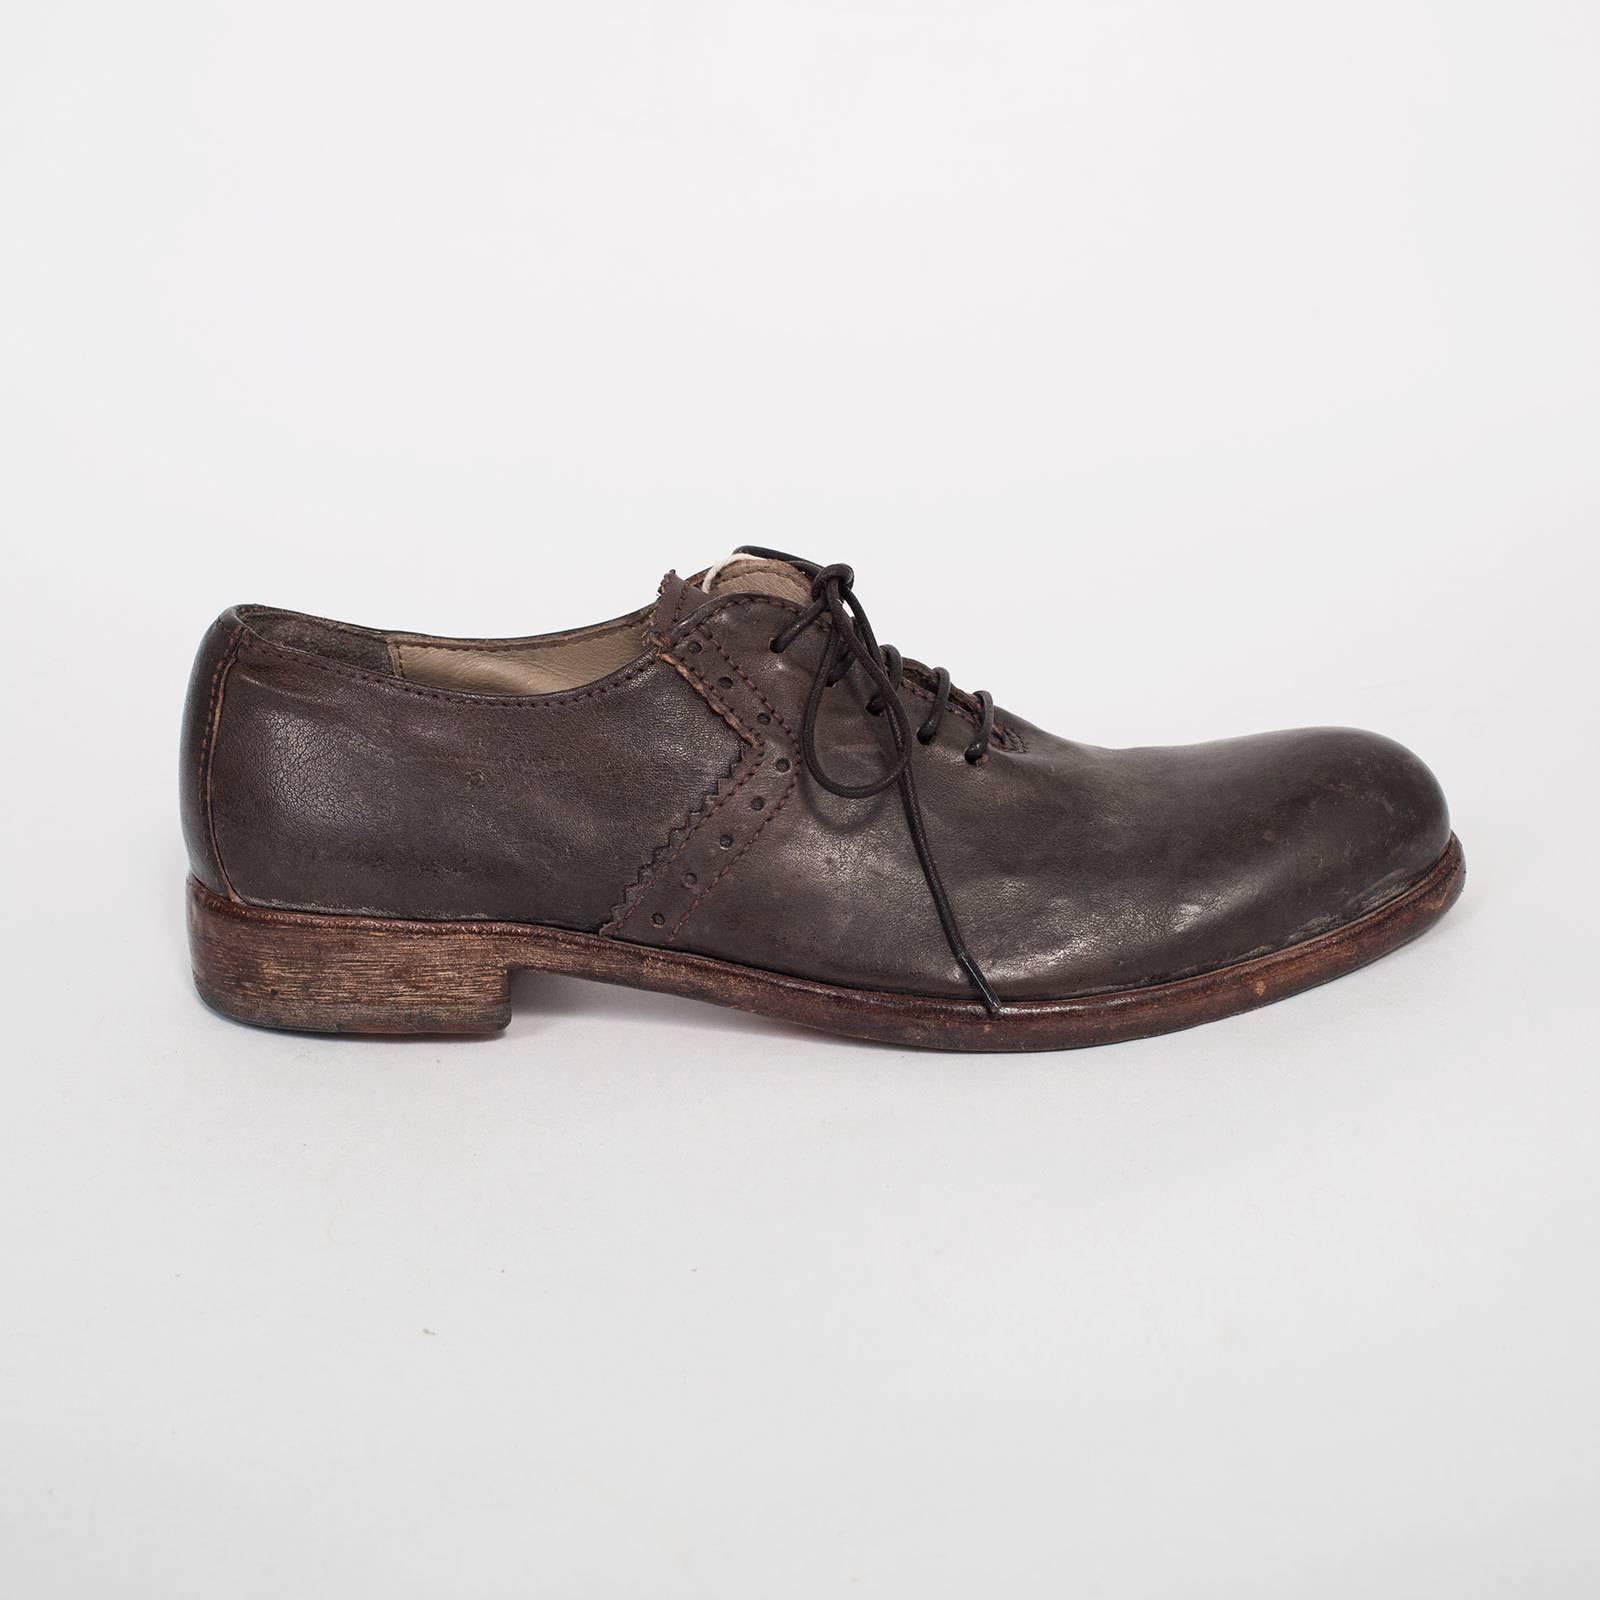 Купить ботинки MOMA в Москве с доставкой по цене 10240 рублей ... 929abe6ae7c